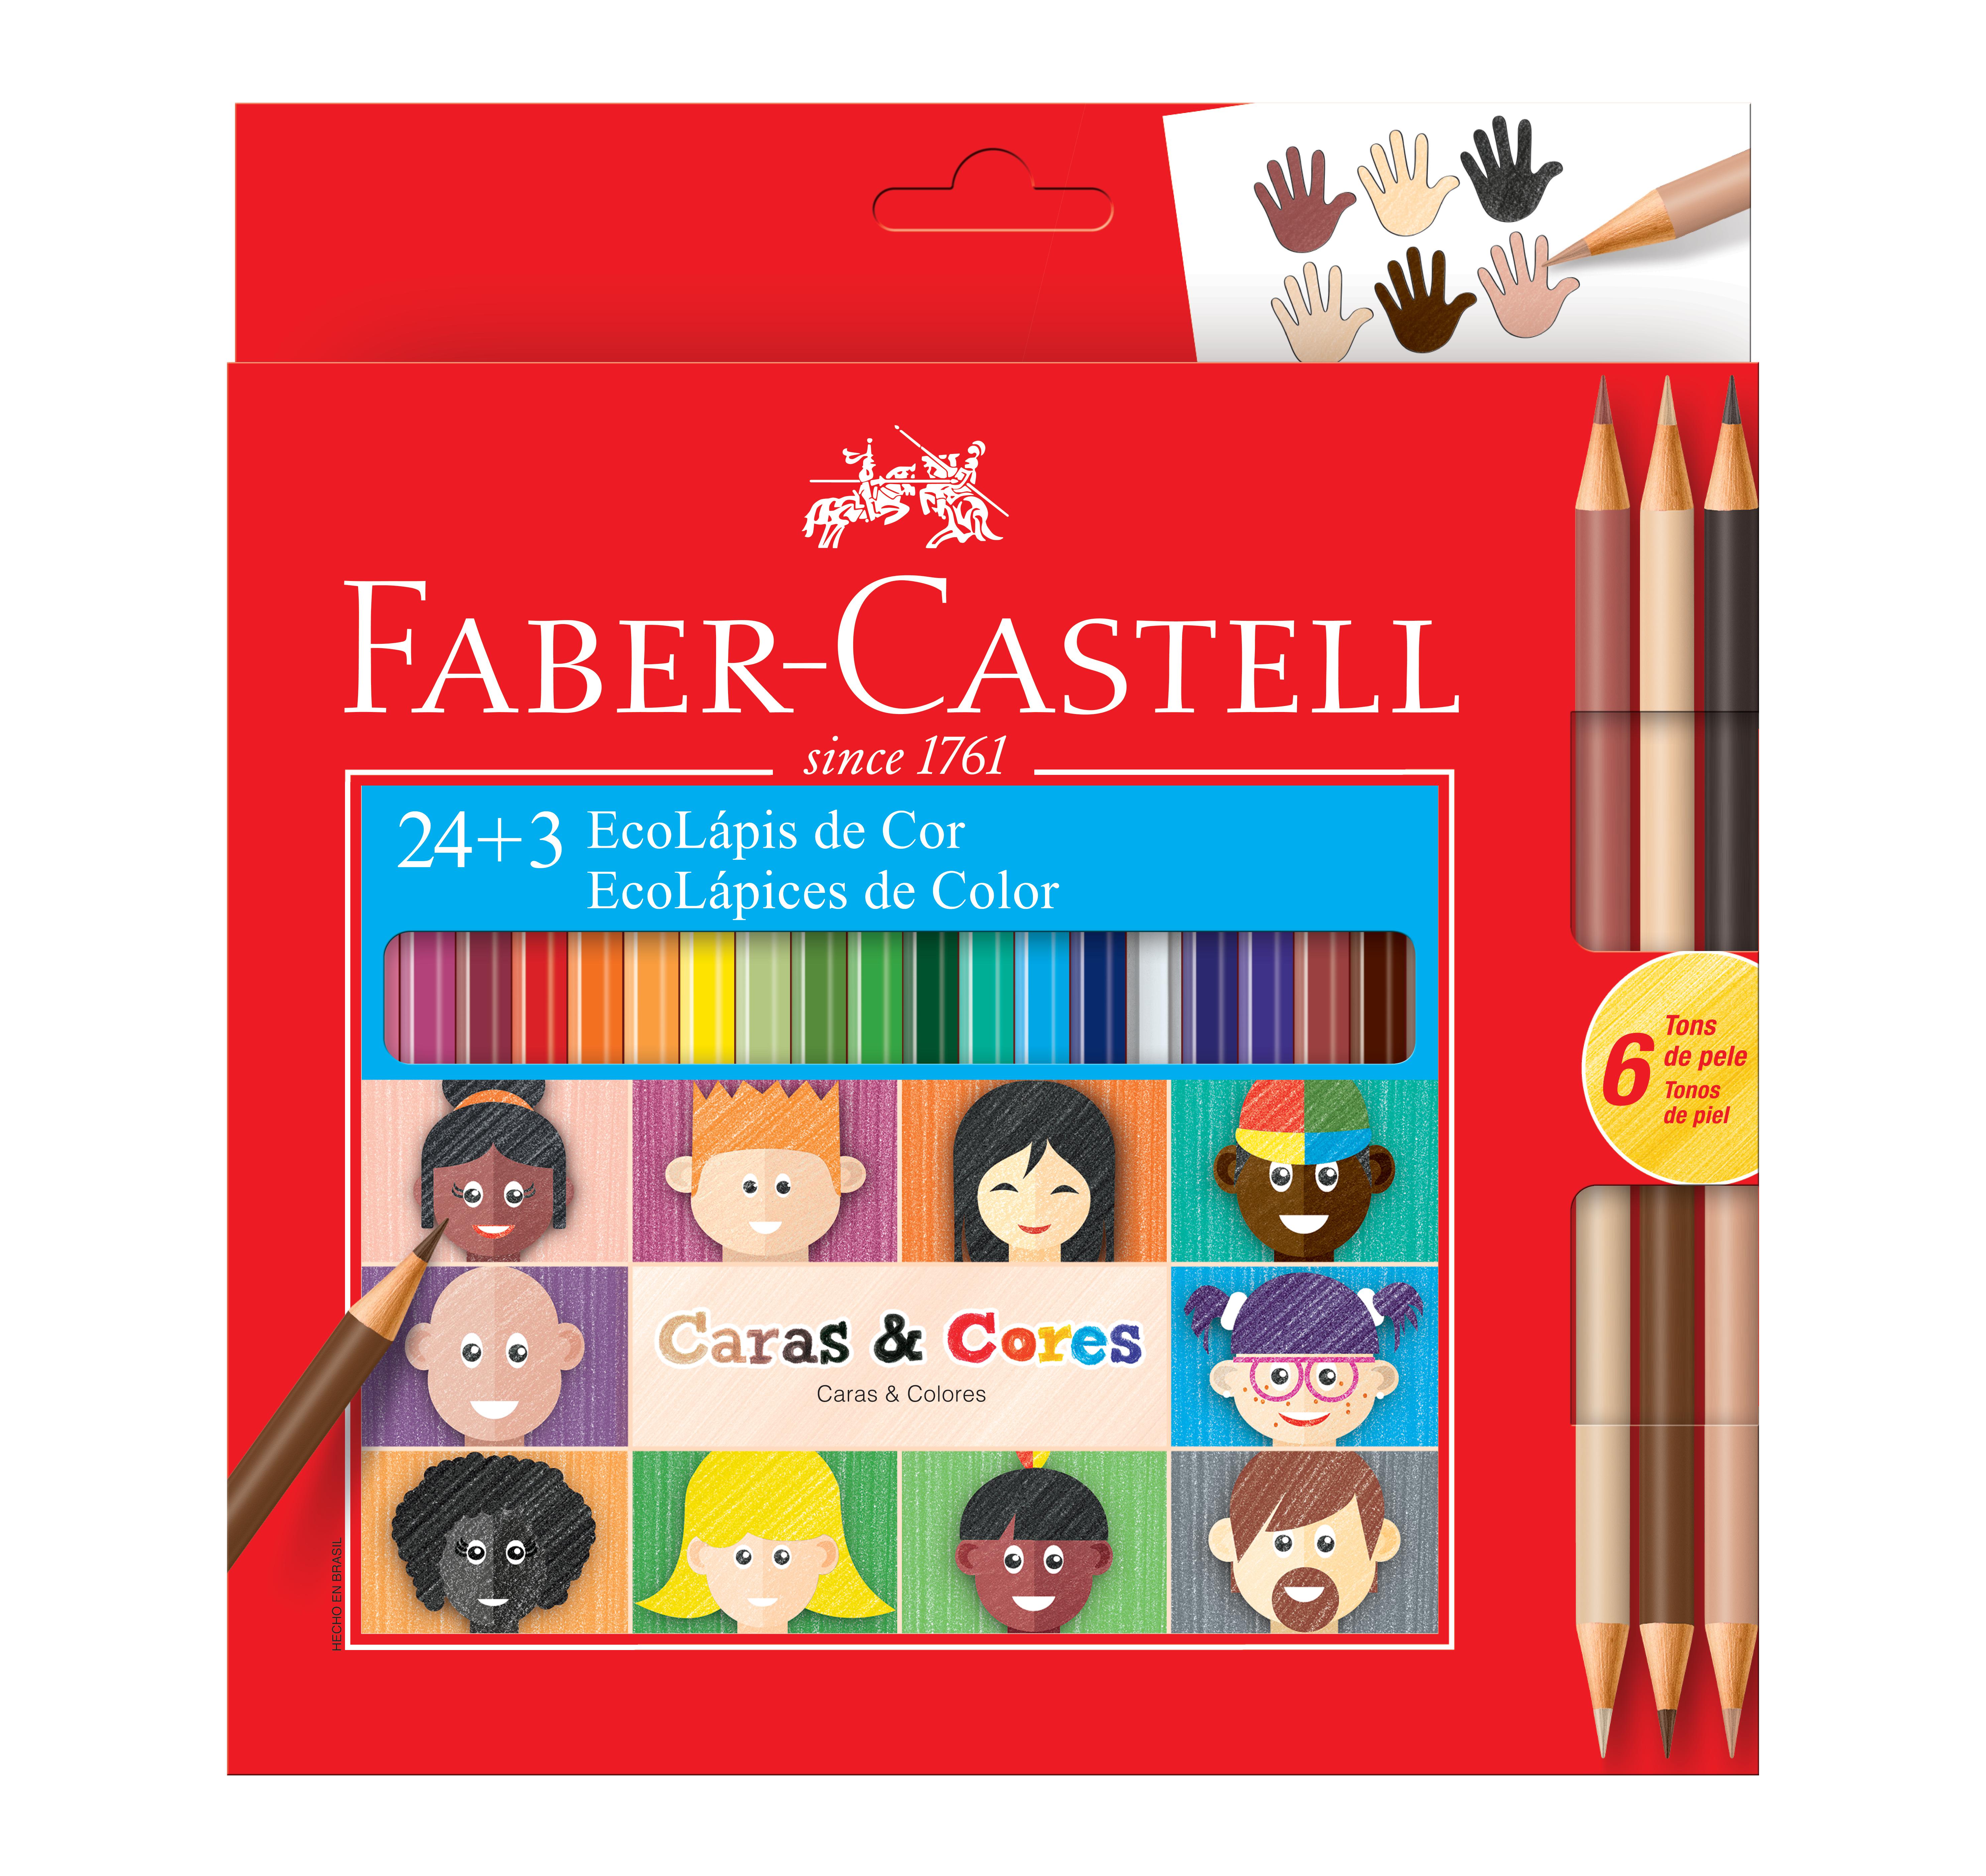 Lápis Caras & Cores em caixa de 24 cores da Ecolápis (Foto: Faber Castell/Divulgação)